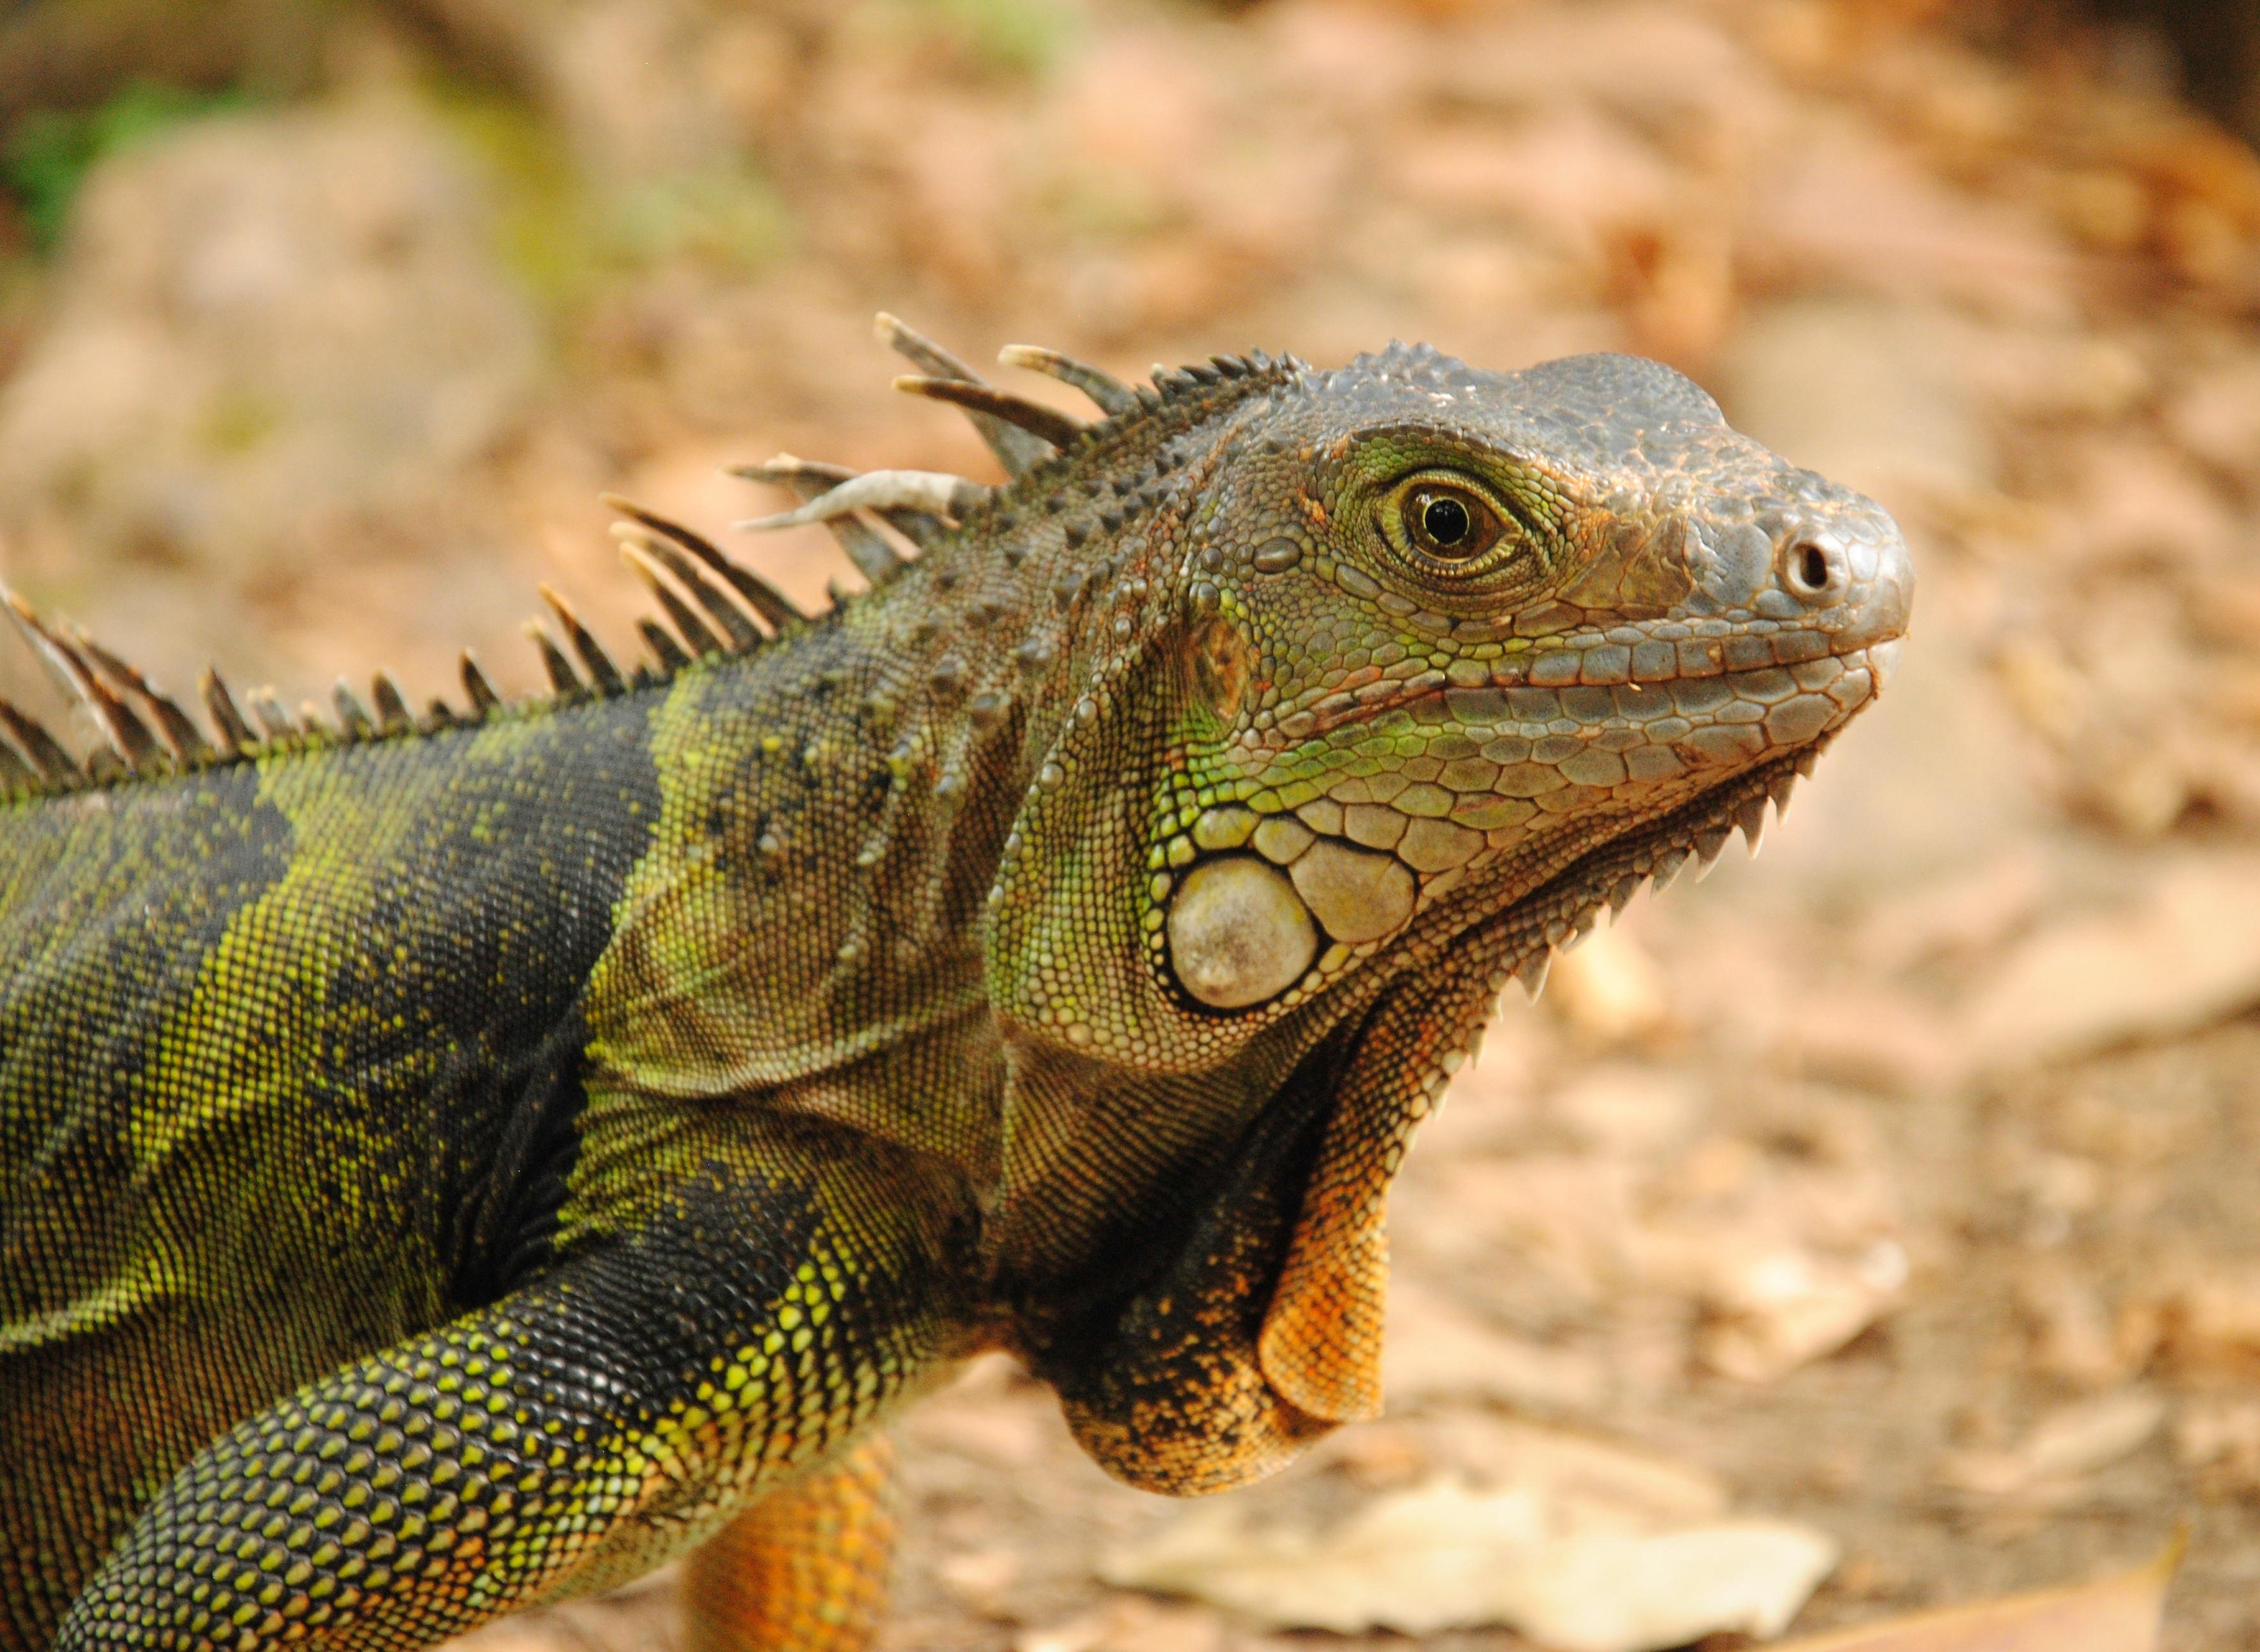 59663 Hintergrundbild herunterladen Tiere, Eidechse, Reptil, Reptile, Leguan, Iguana - Bildschirmschoner und Bilder kostenlos